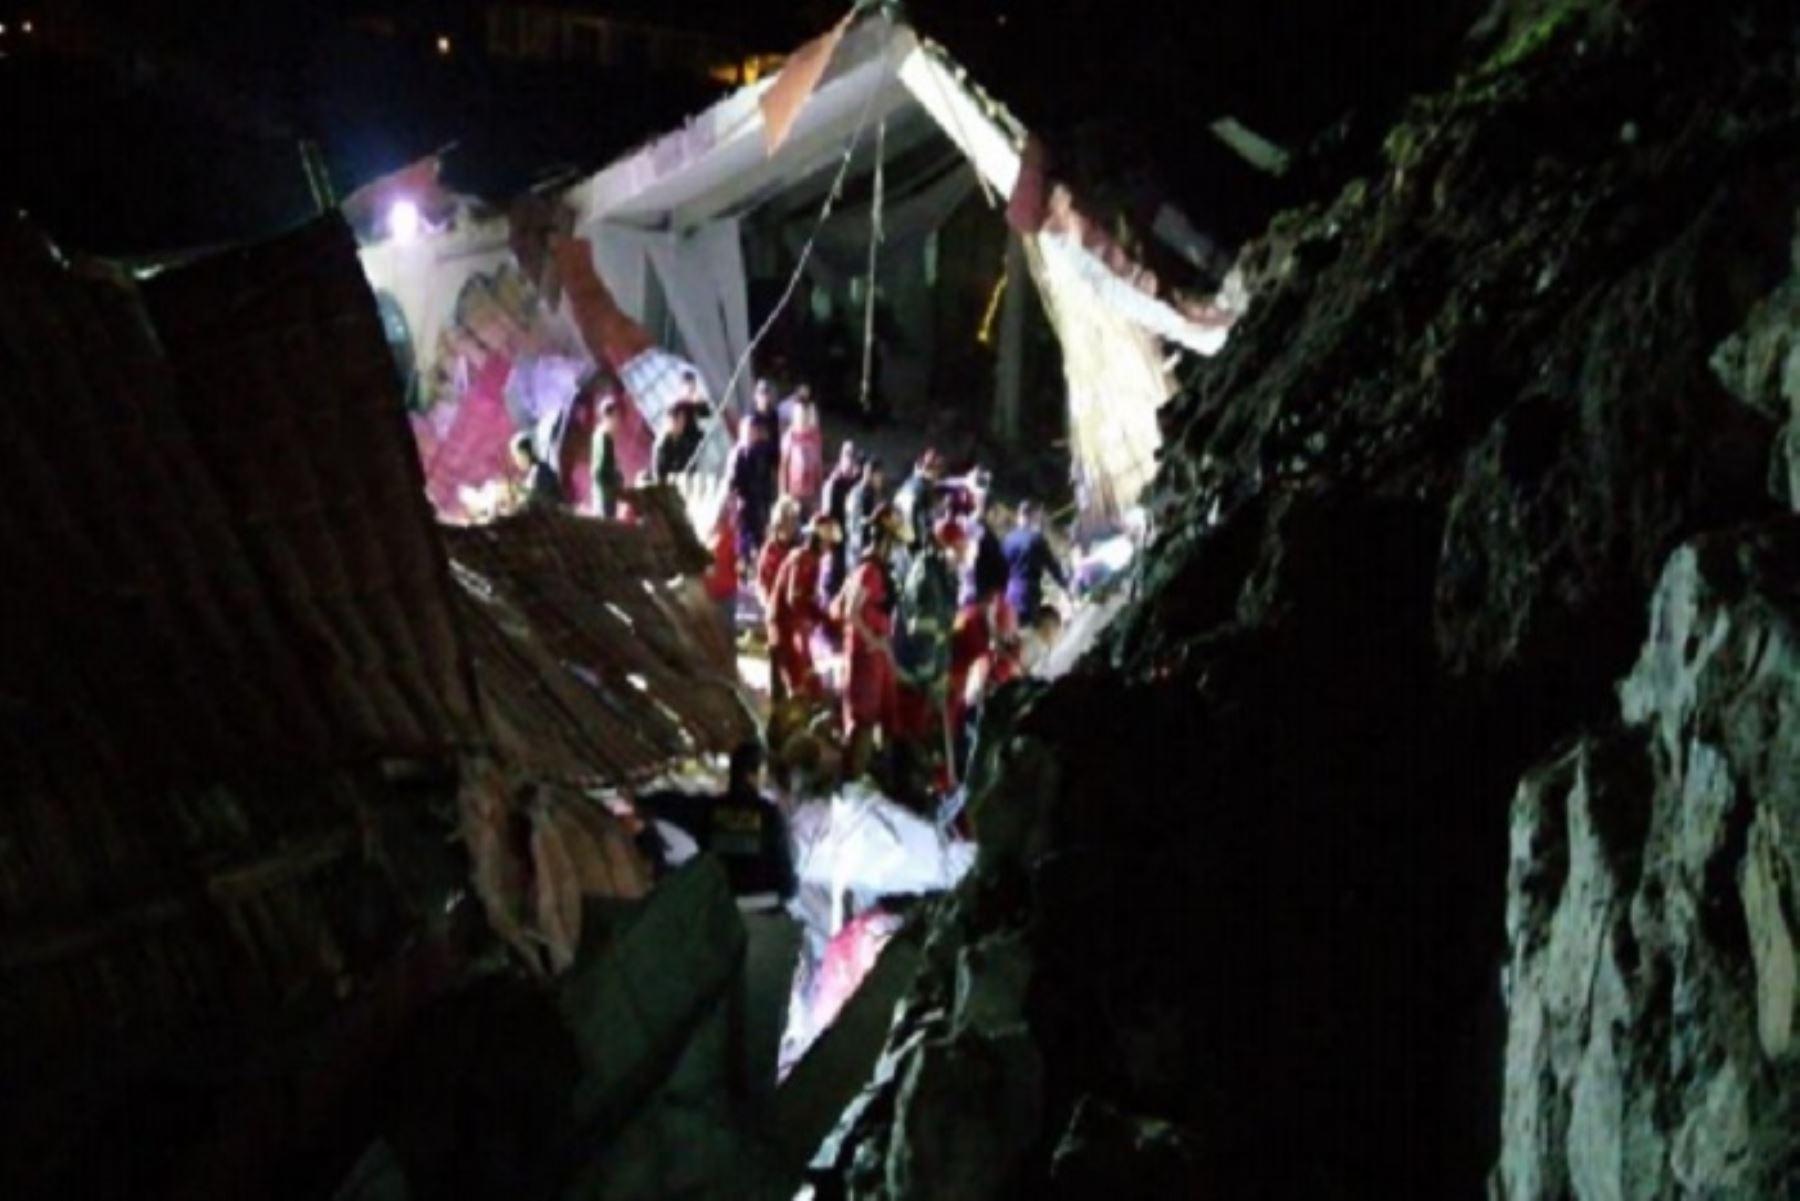 El colapso de la pared y techo del Hotel Alahambra, cuando se llevaba a cabo un matrimonio en Abancay, región Apurímac, ha dejado hasta el momento 15 muertos y 30 heridos, informó el jefe del Instituto Nacional de Defensa Civil, (Indeci), Jorge Chávez.